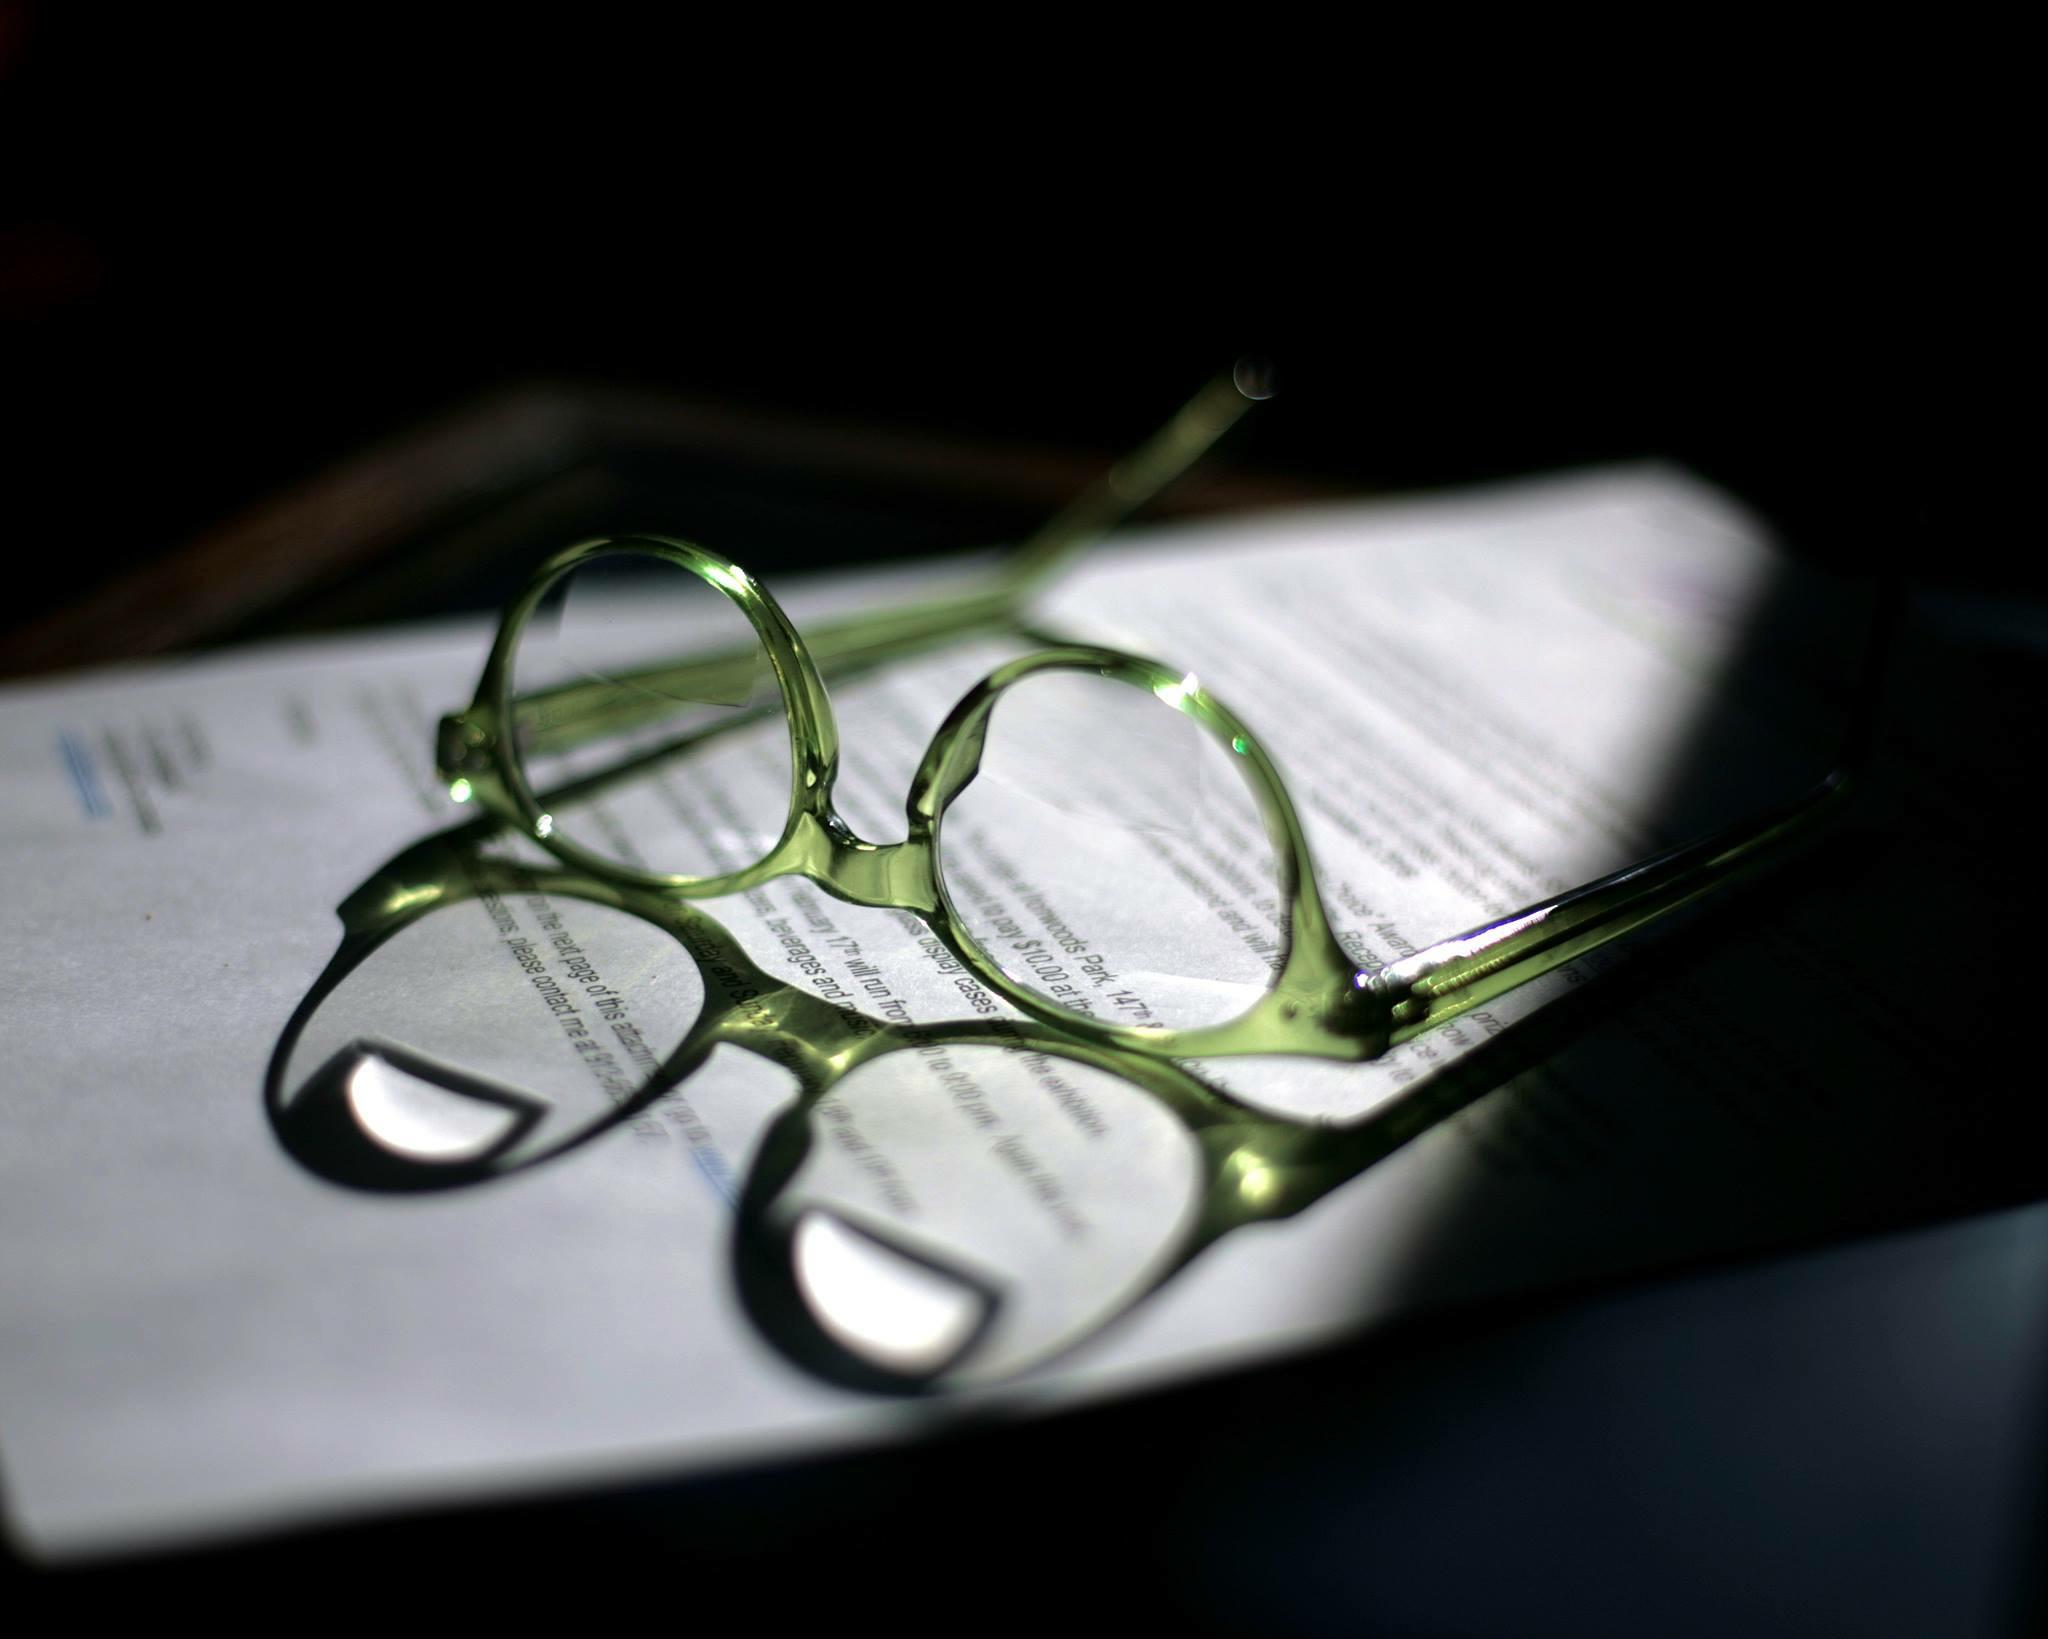 Door welke bril doe jij je klanten straks kijken?